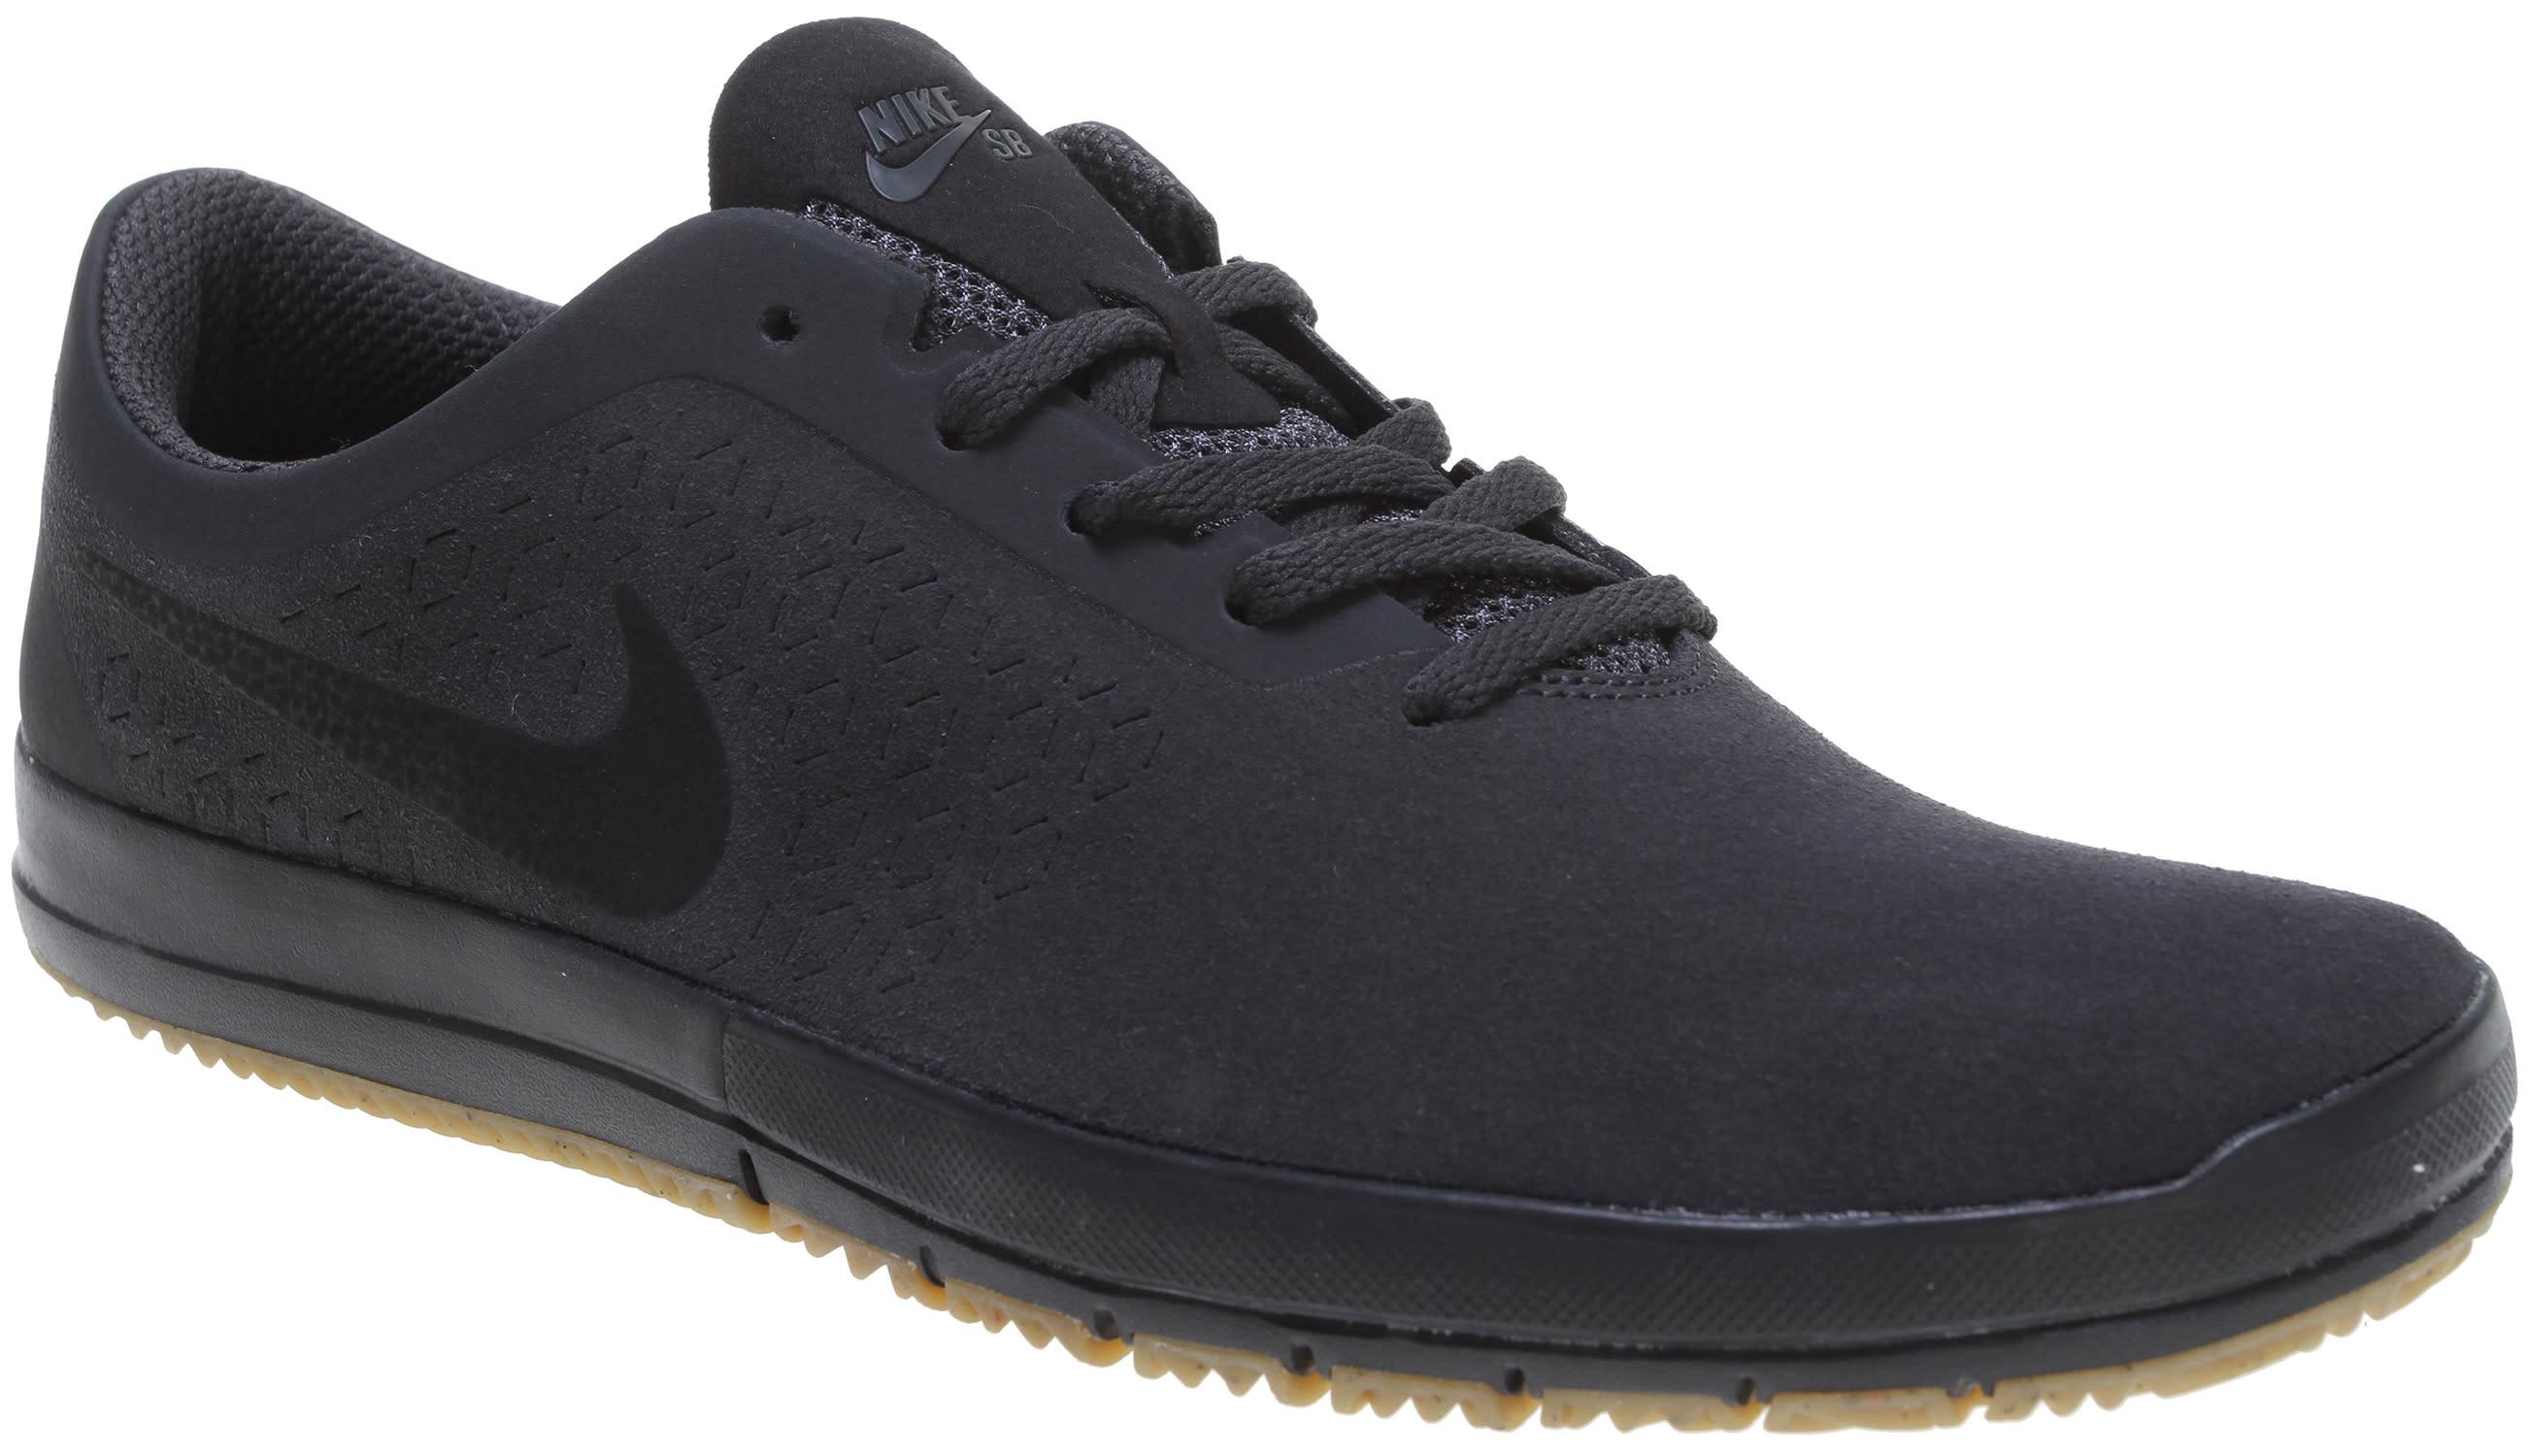 new concept e0269 5c4f3 Nike Free SB Nano Skate Shoes - thumbnail 2